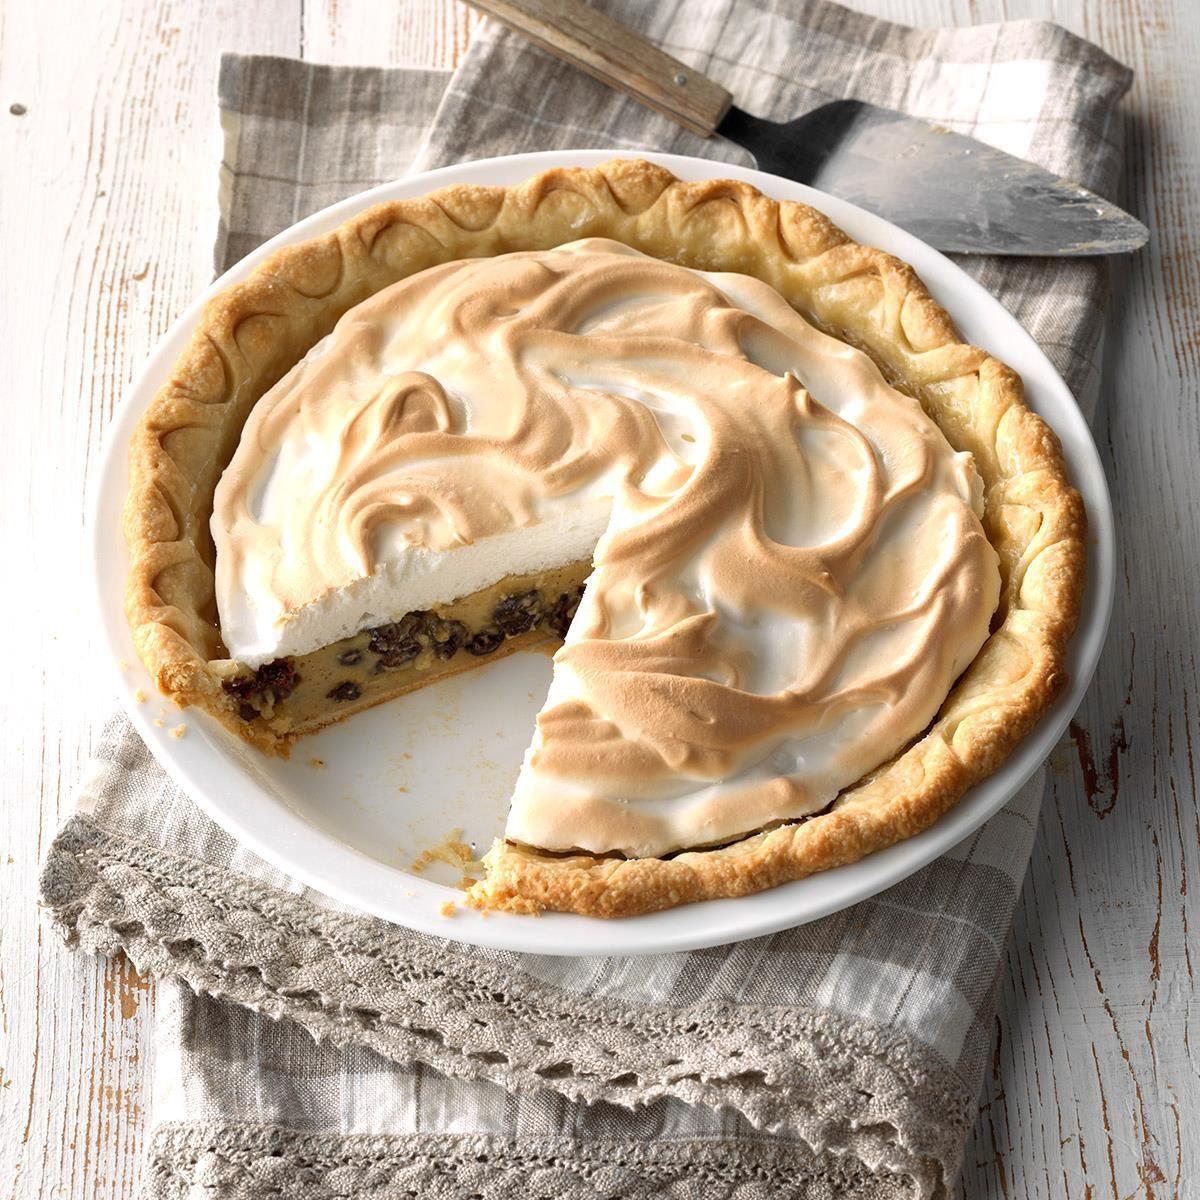 Grandma S Sour Cream Raisin Pie Recipe Sour Cream Raisin Pie Food Recipes Food